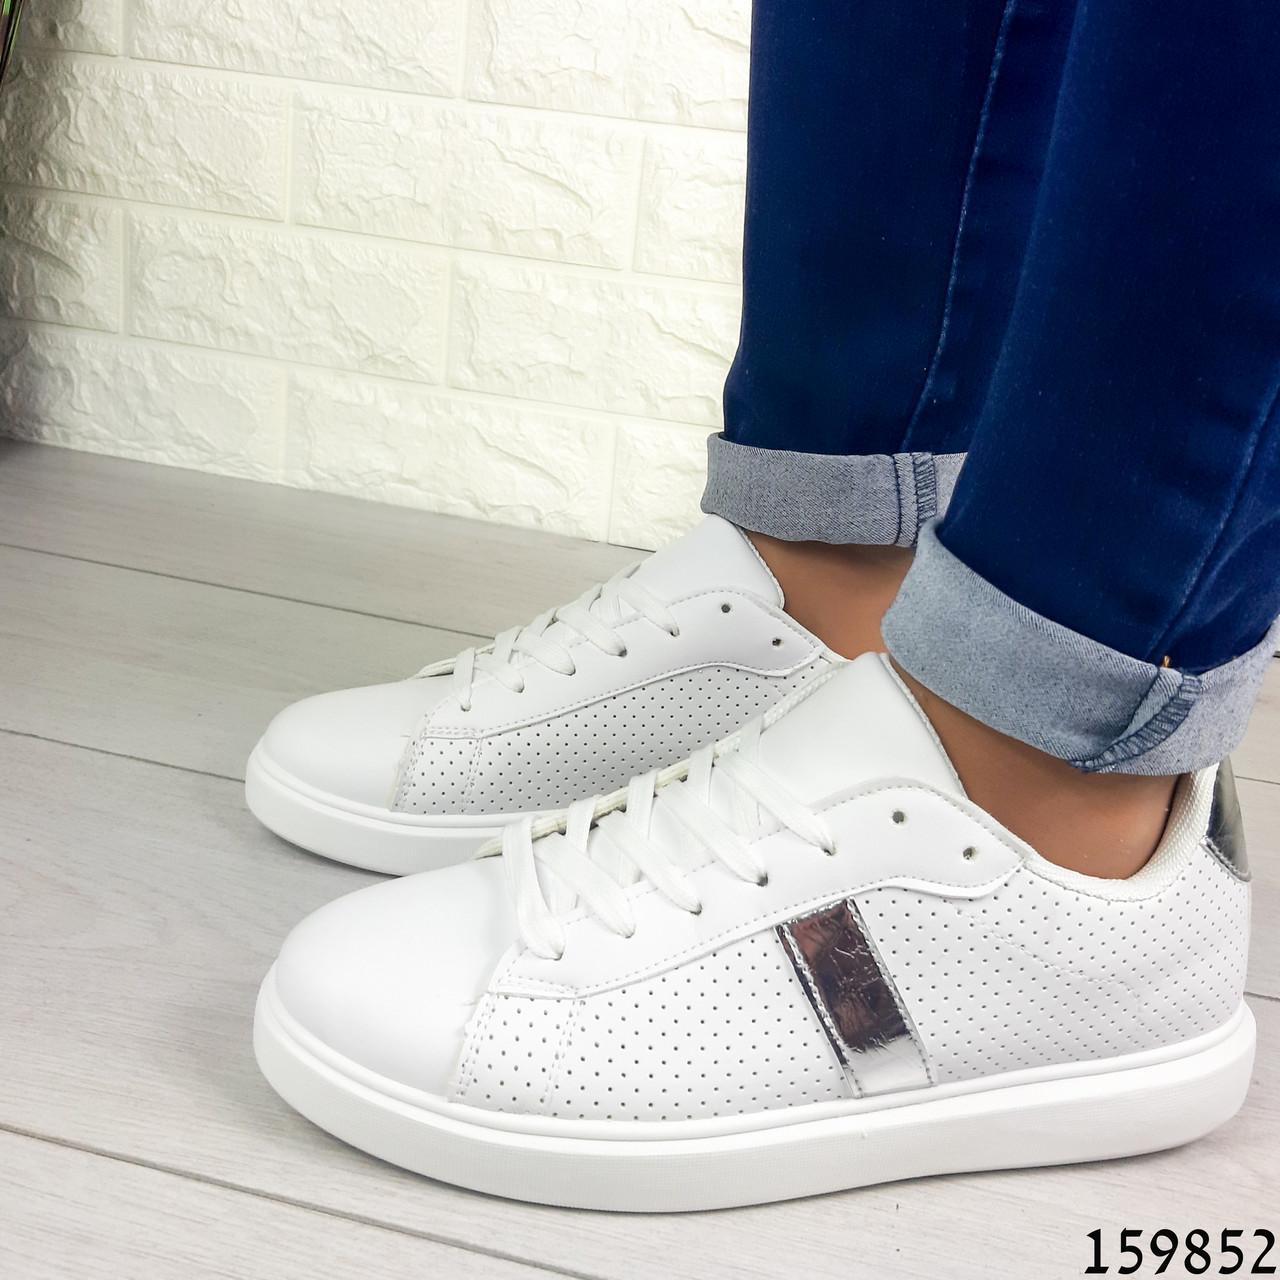 Женские кроссовки белые на белой подошве, из эко кожи